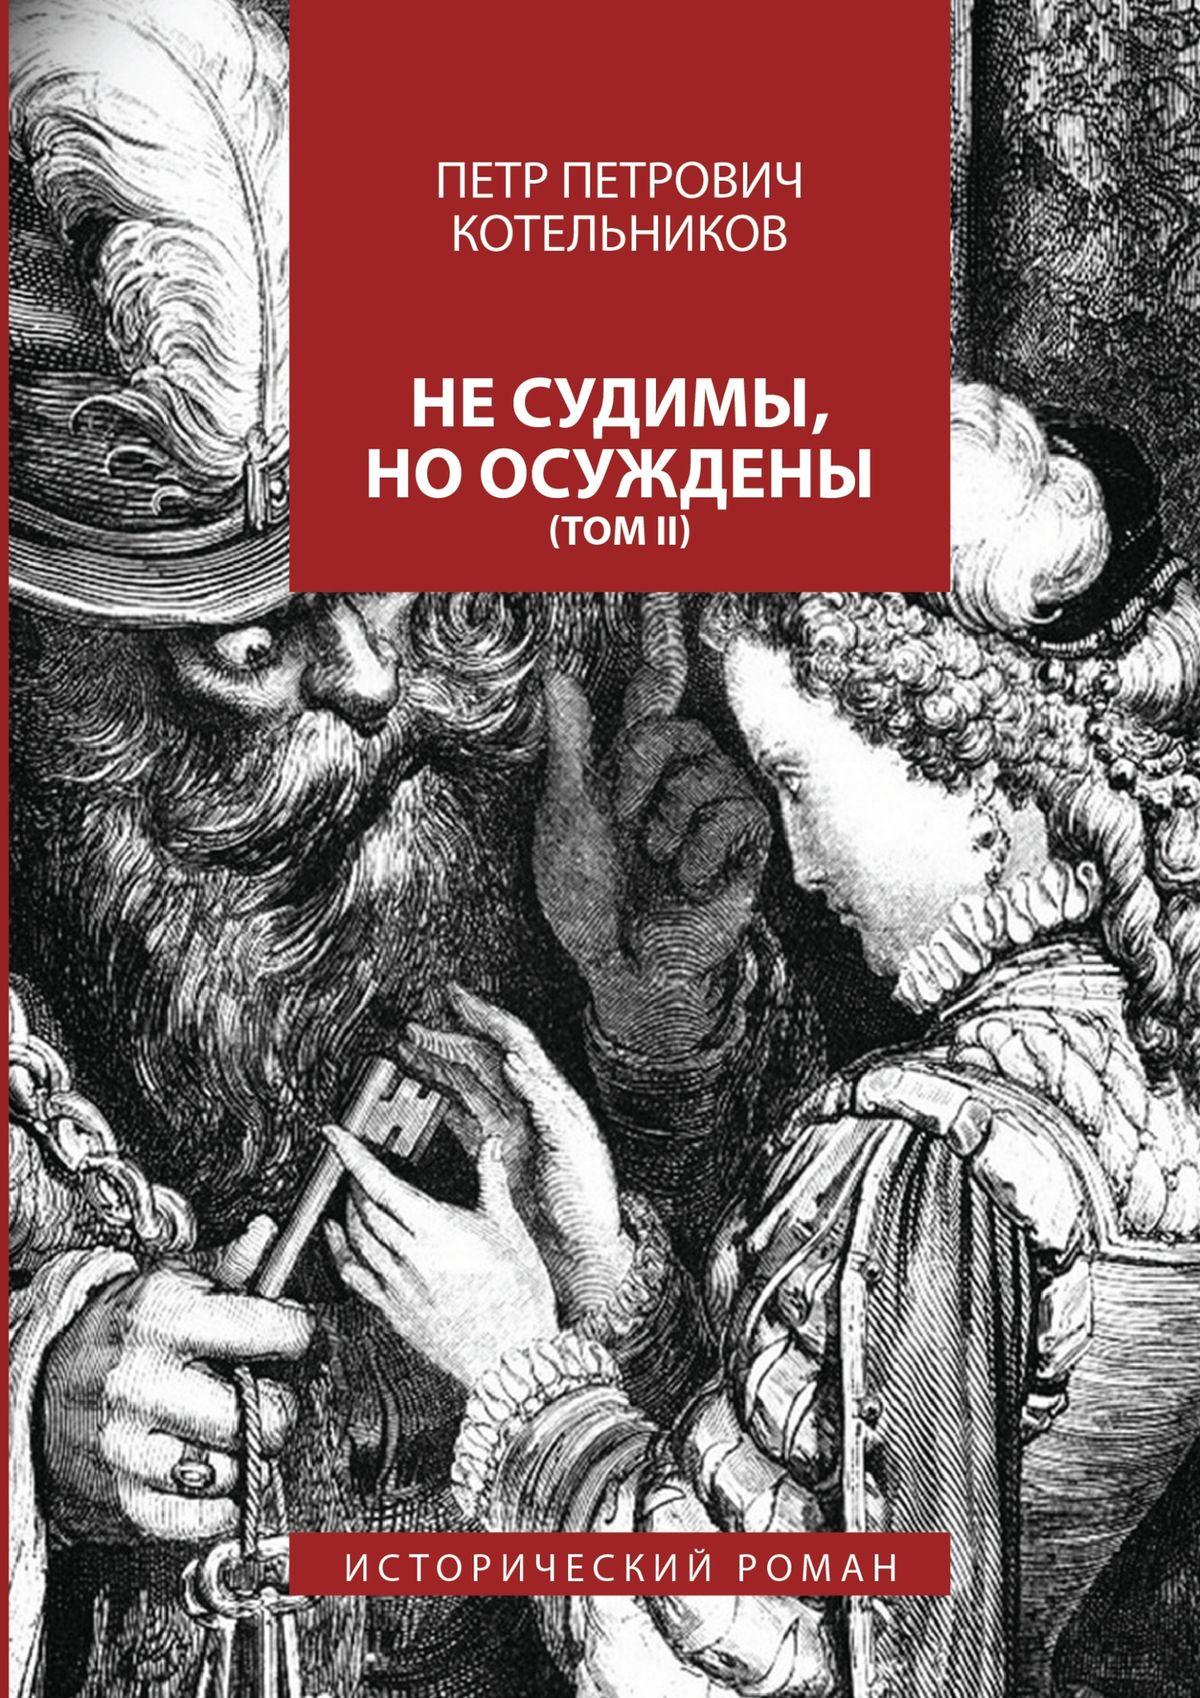 Петр Петрович Котельников Несудимы, ноосуждены. ТомII ронэ татьяна де русские чернила роман